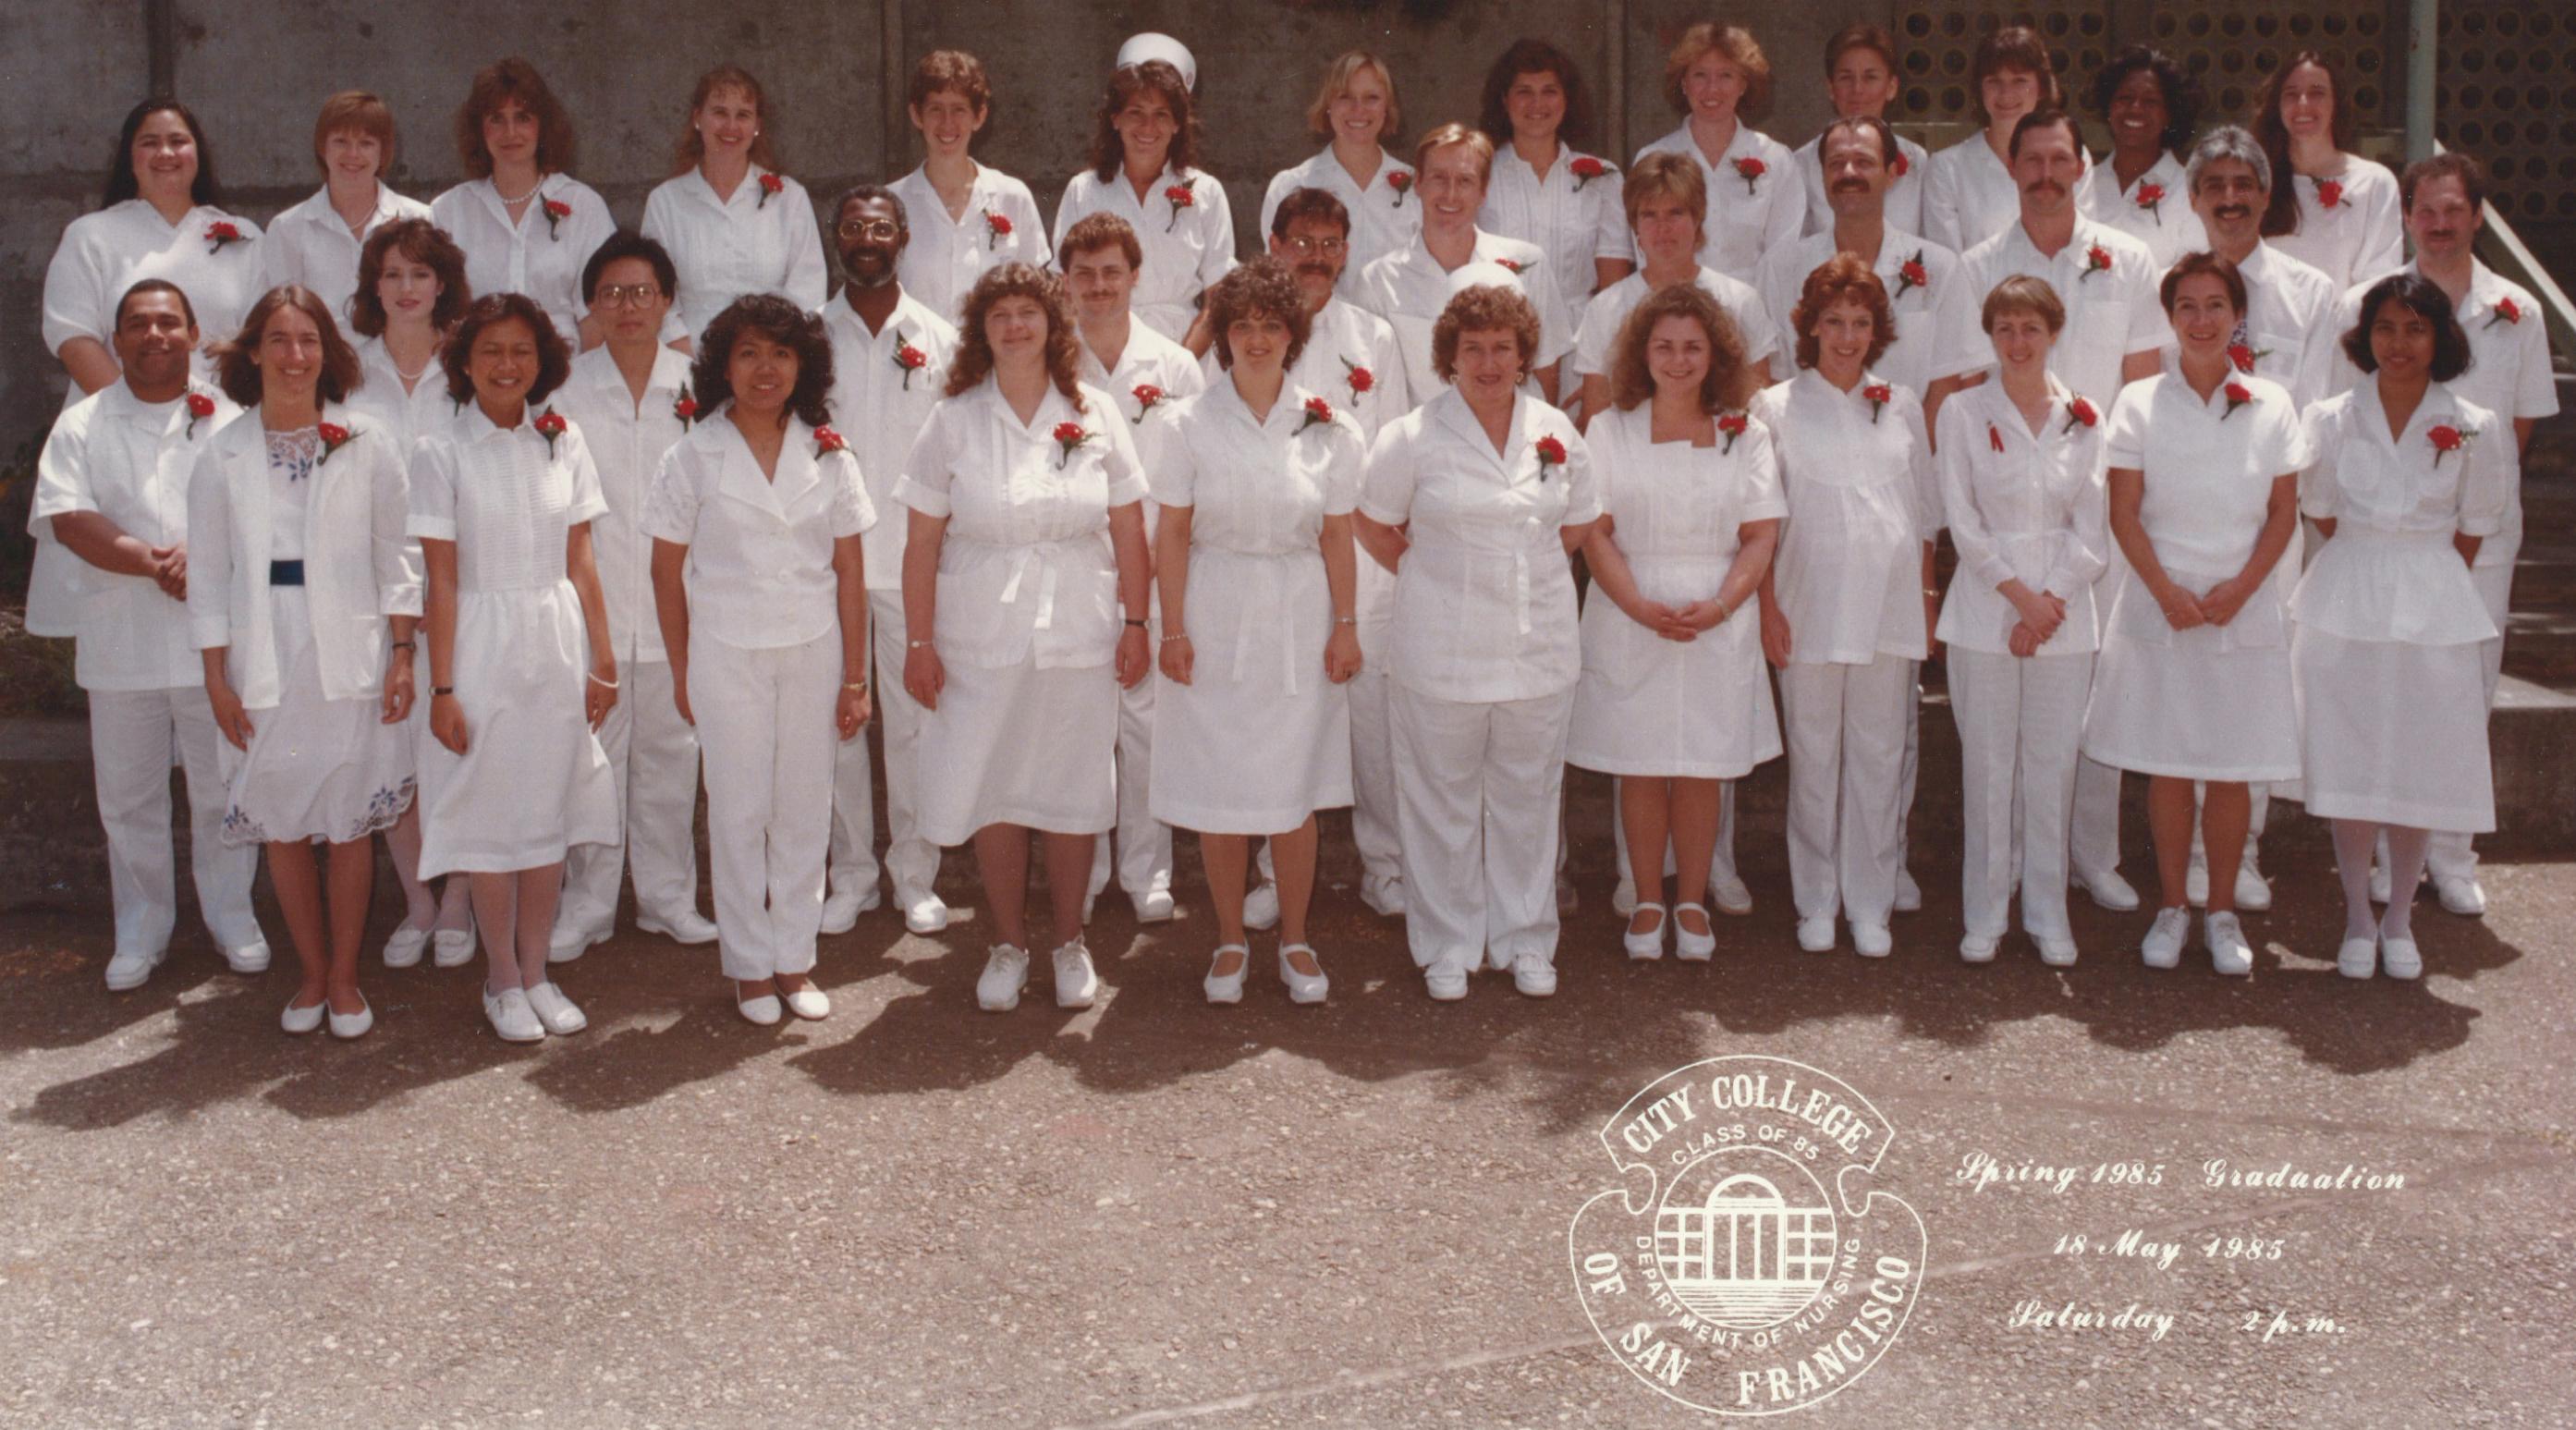 1985- Graduation from Nursing School